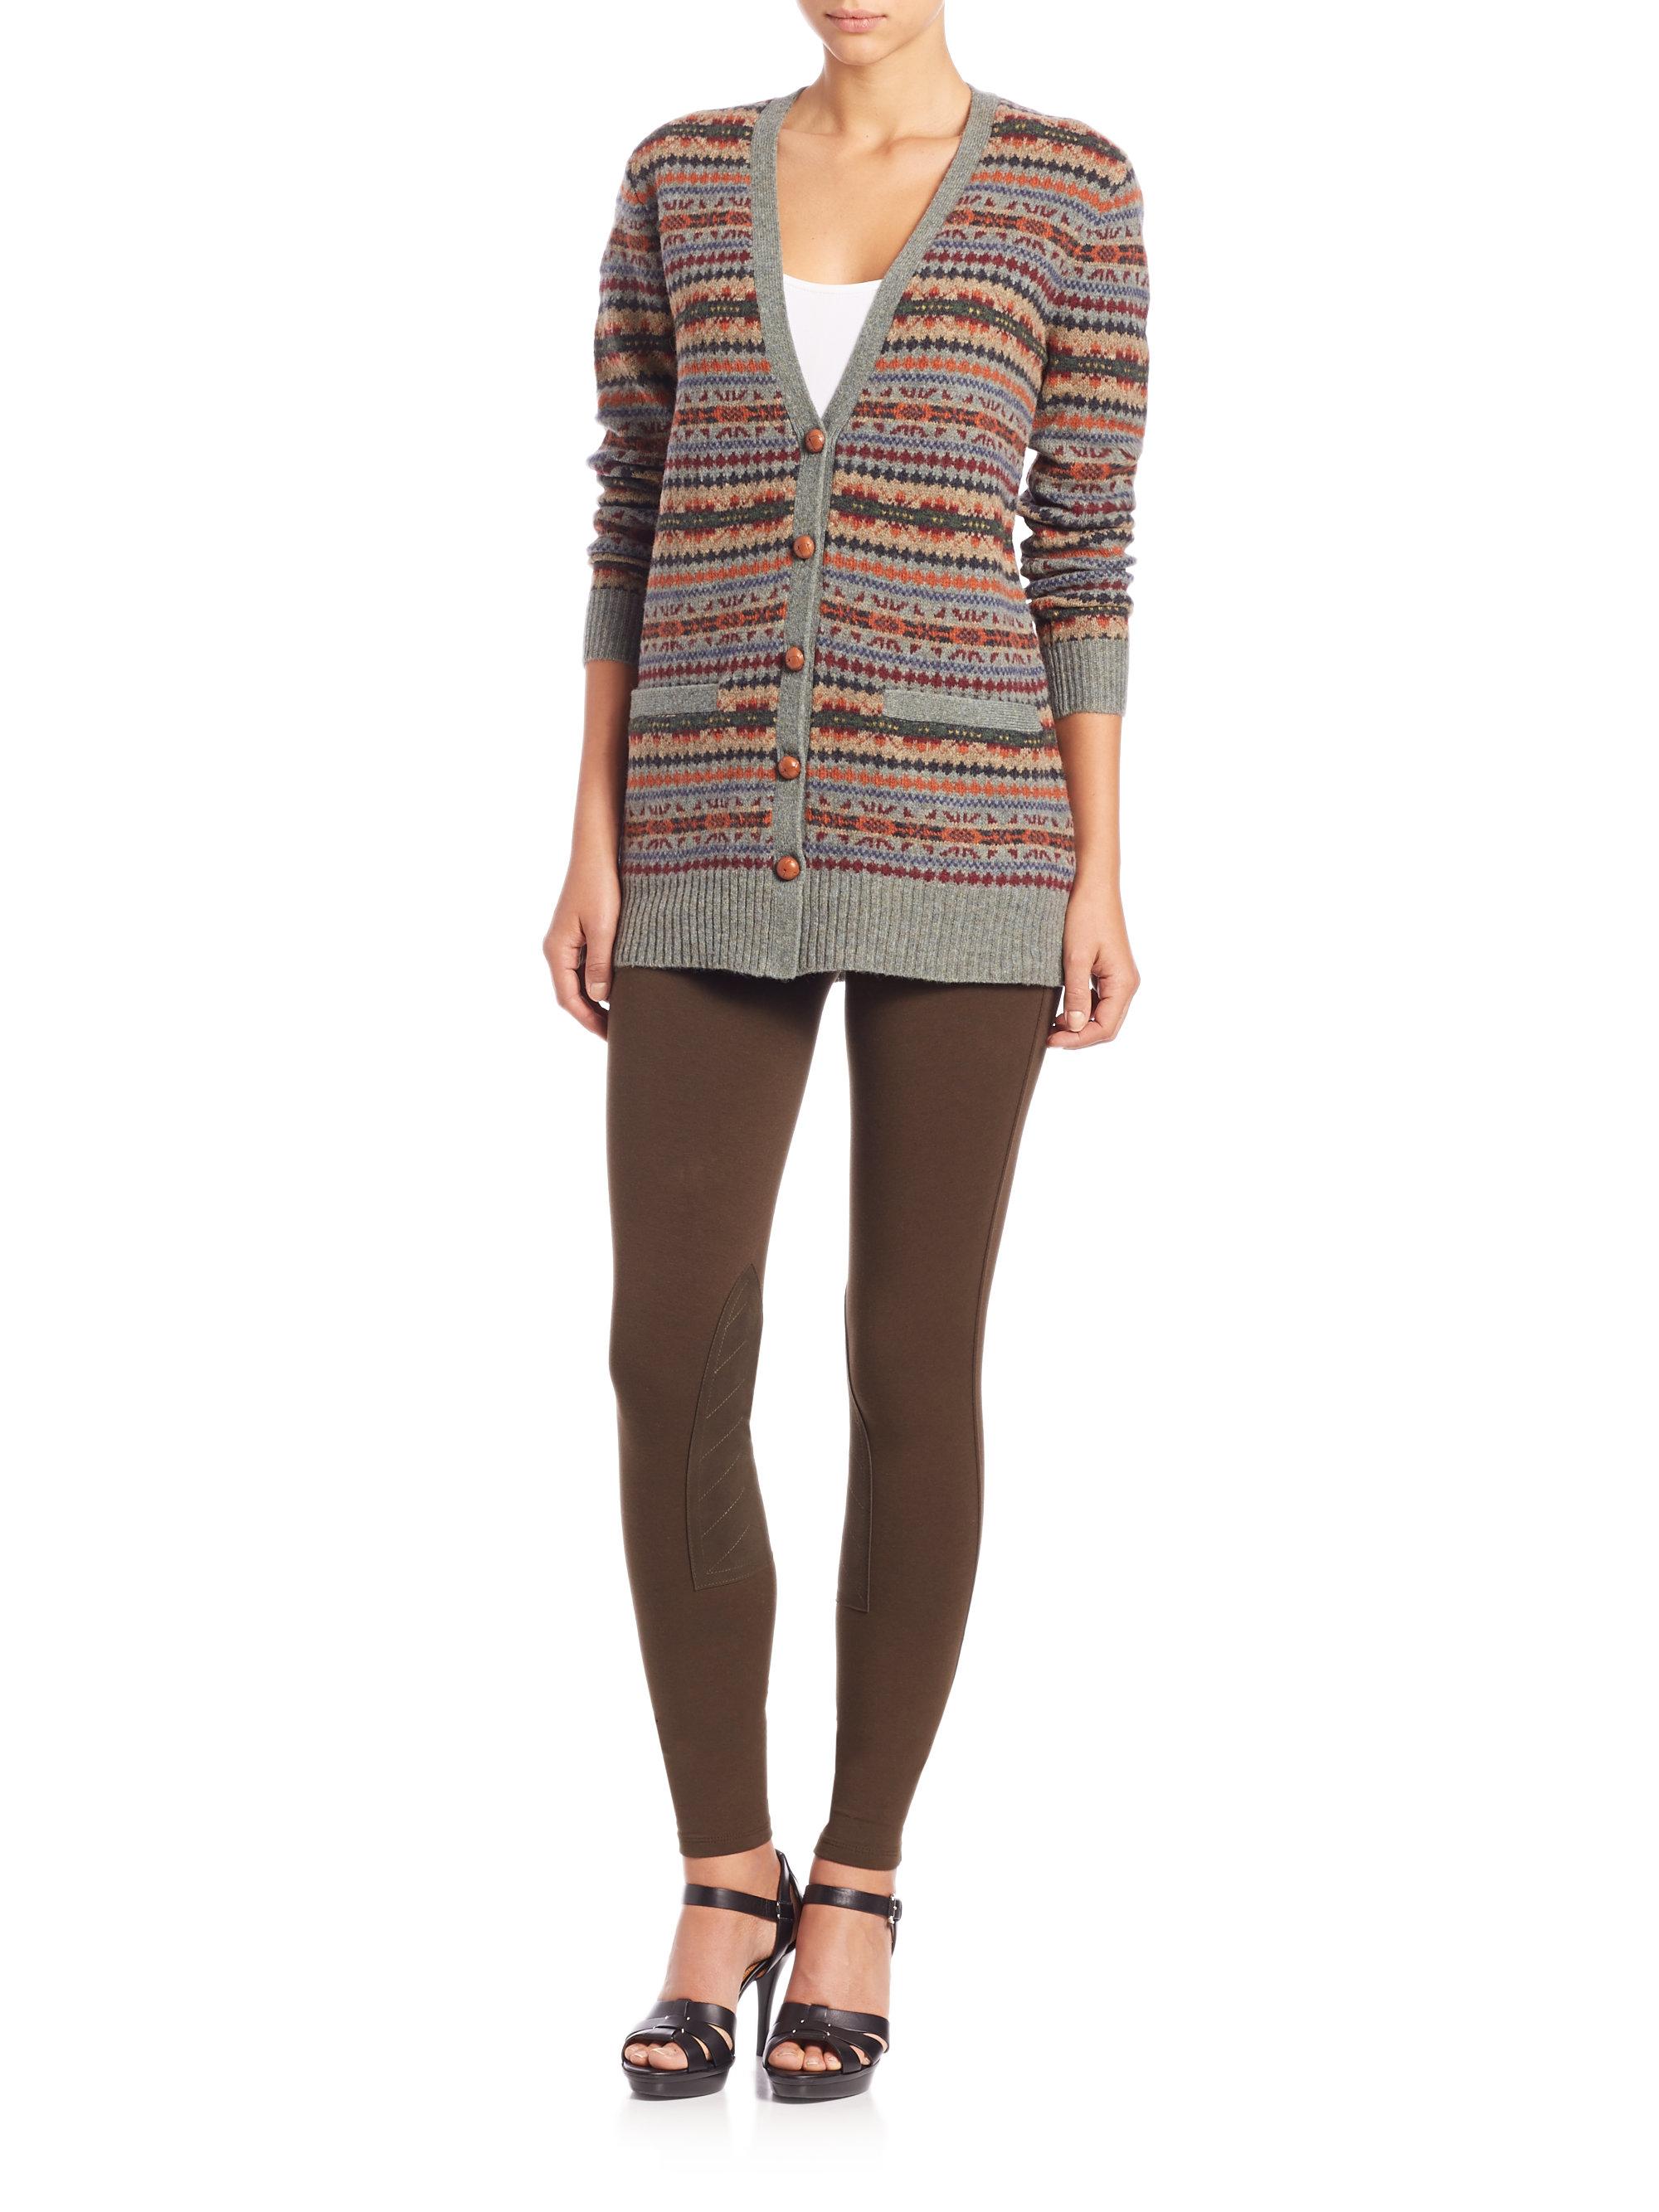 65438c6b1a9ac Polo Ralph Lauren Wool Fair Isle Sweater - Cairns Local Marketing